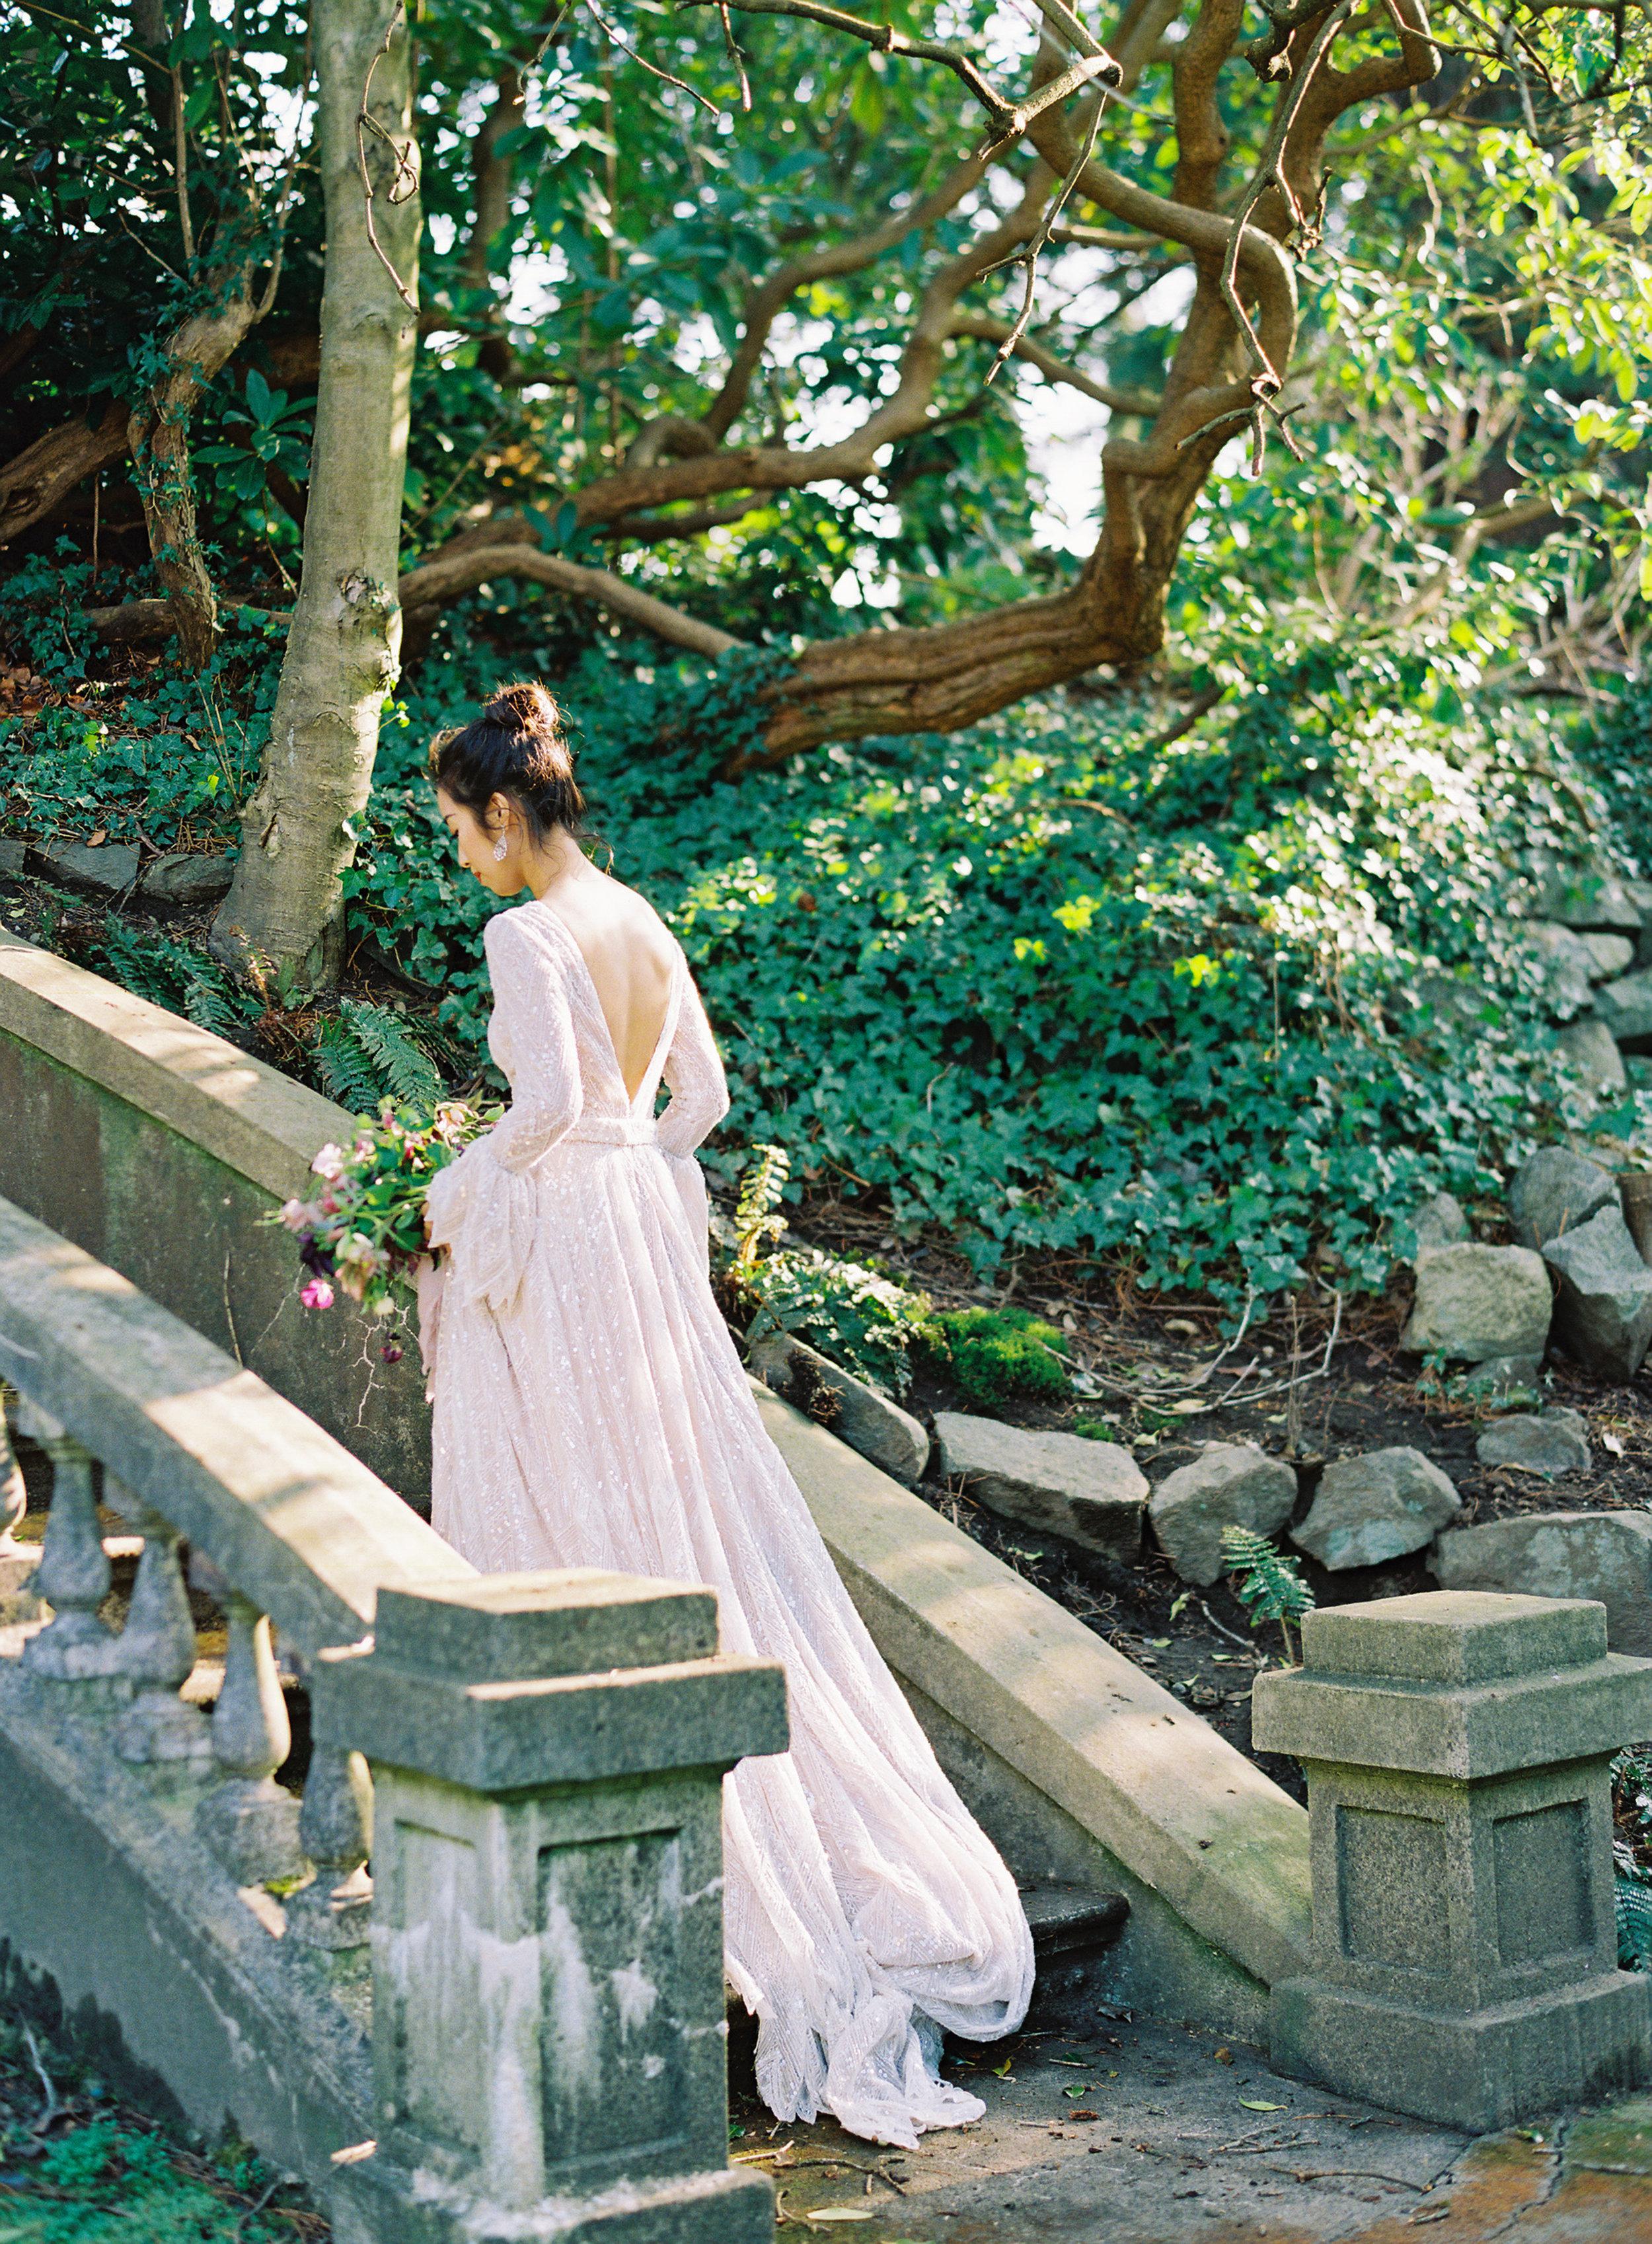 JB-Editorial-158-Jen_Huang-032548-R1-015.jpg